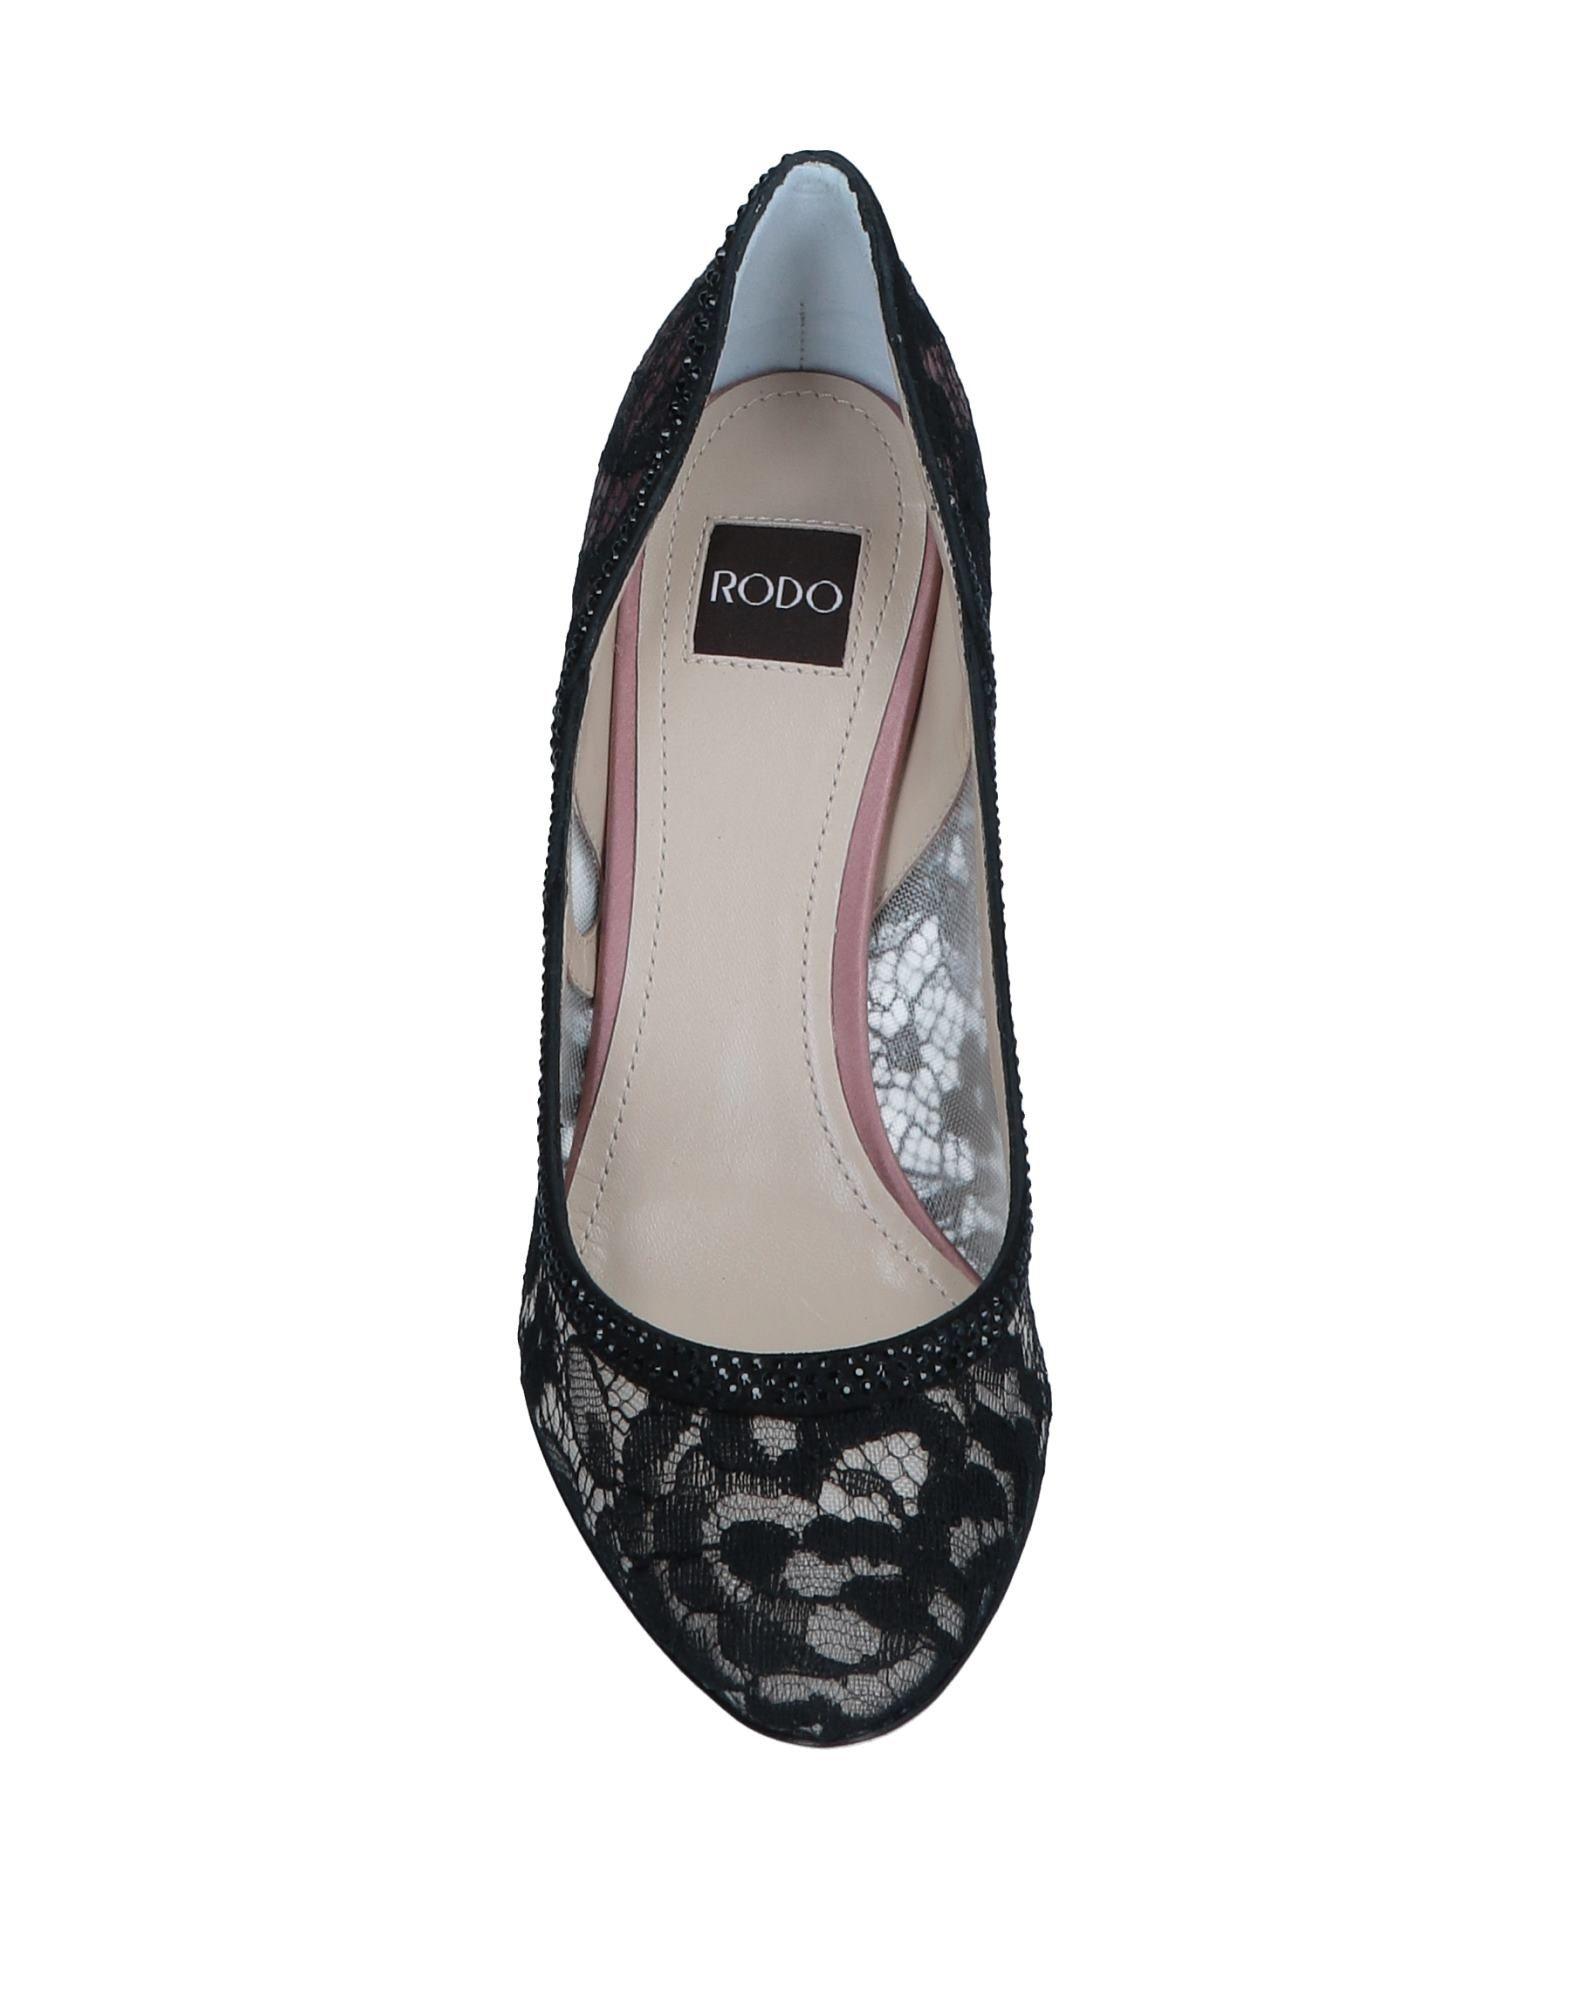 Rodo Pumps aussehende Damen  11542122KBGünstige gut aussehende Pumps Schuhe 8379be